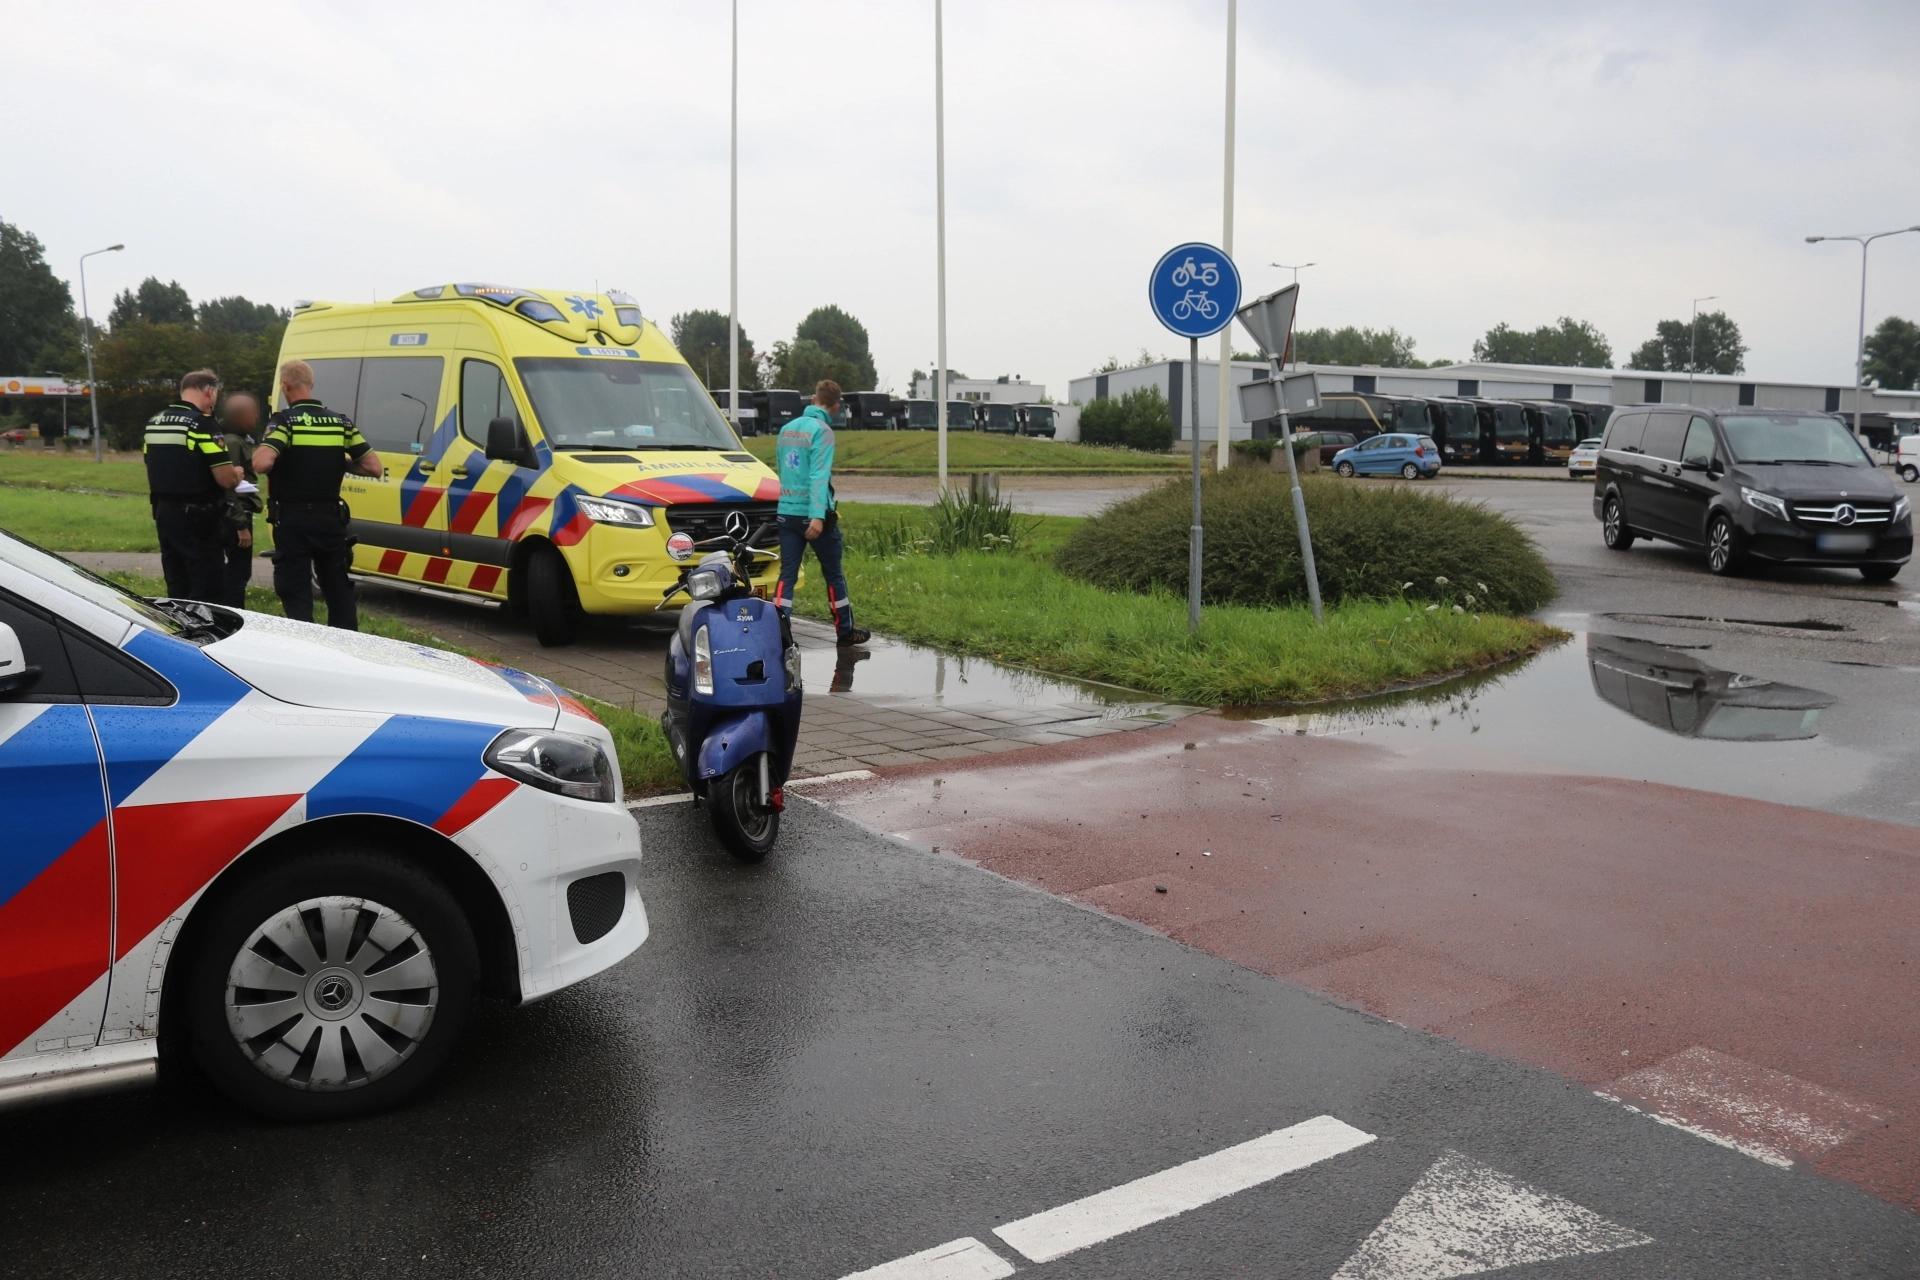 Scooterrijder naar ziekenhuis na botsing met busje in Noordwijk